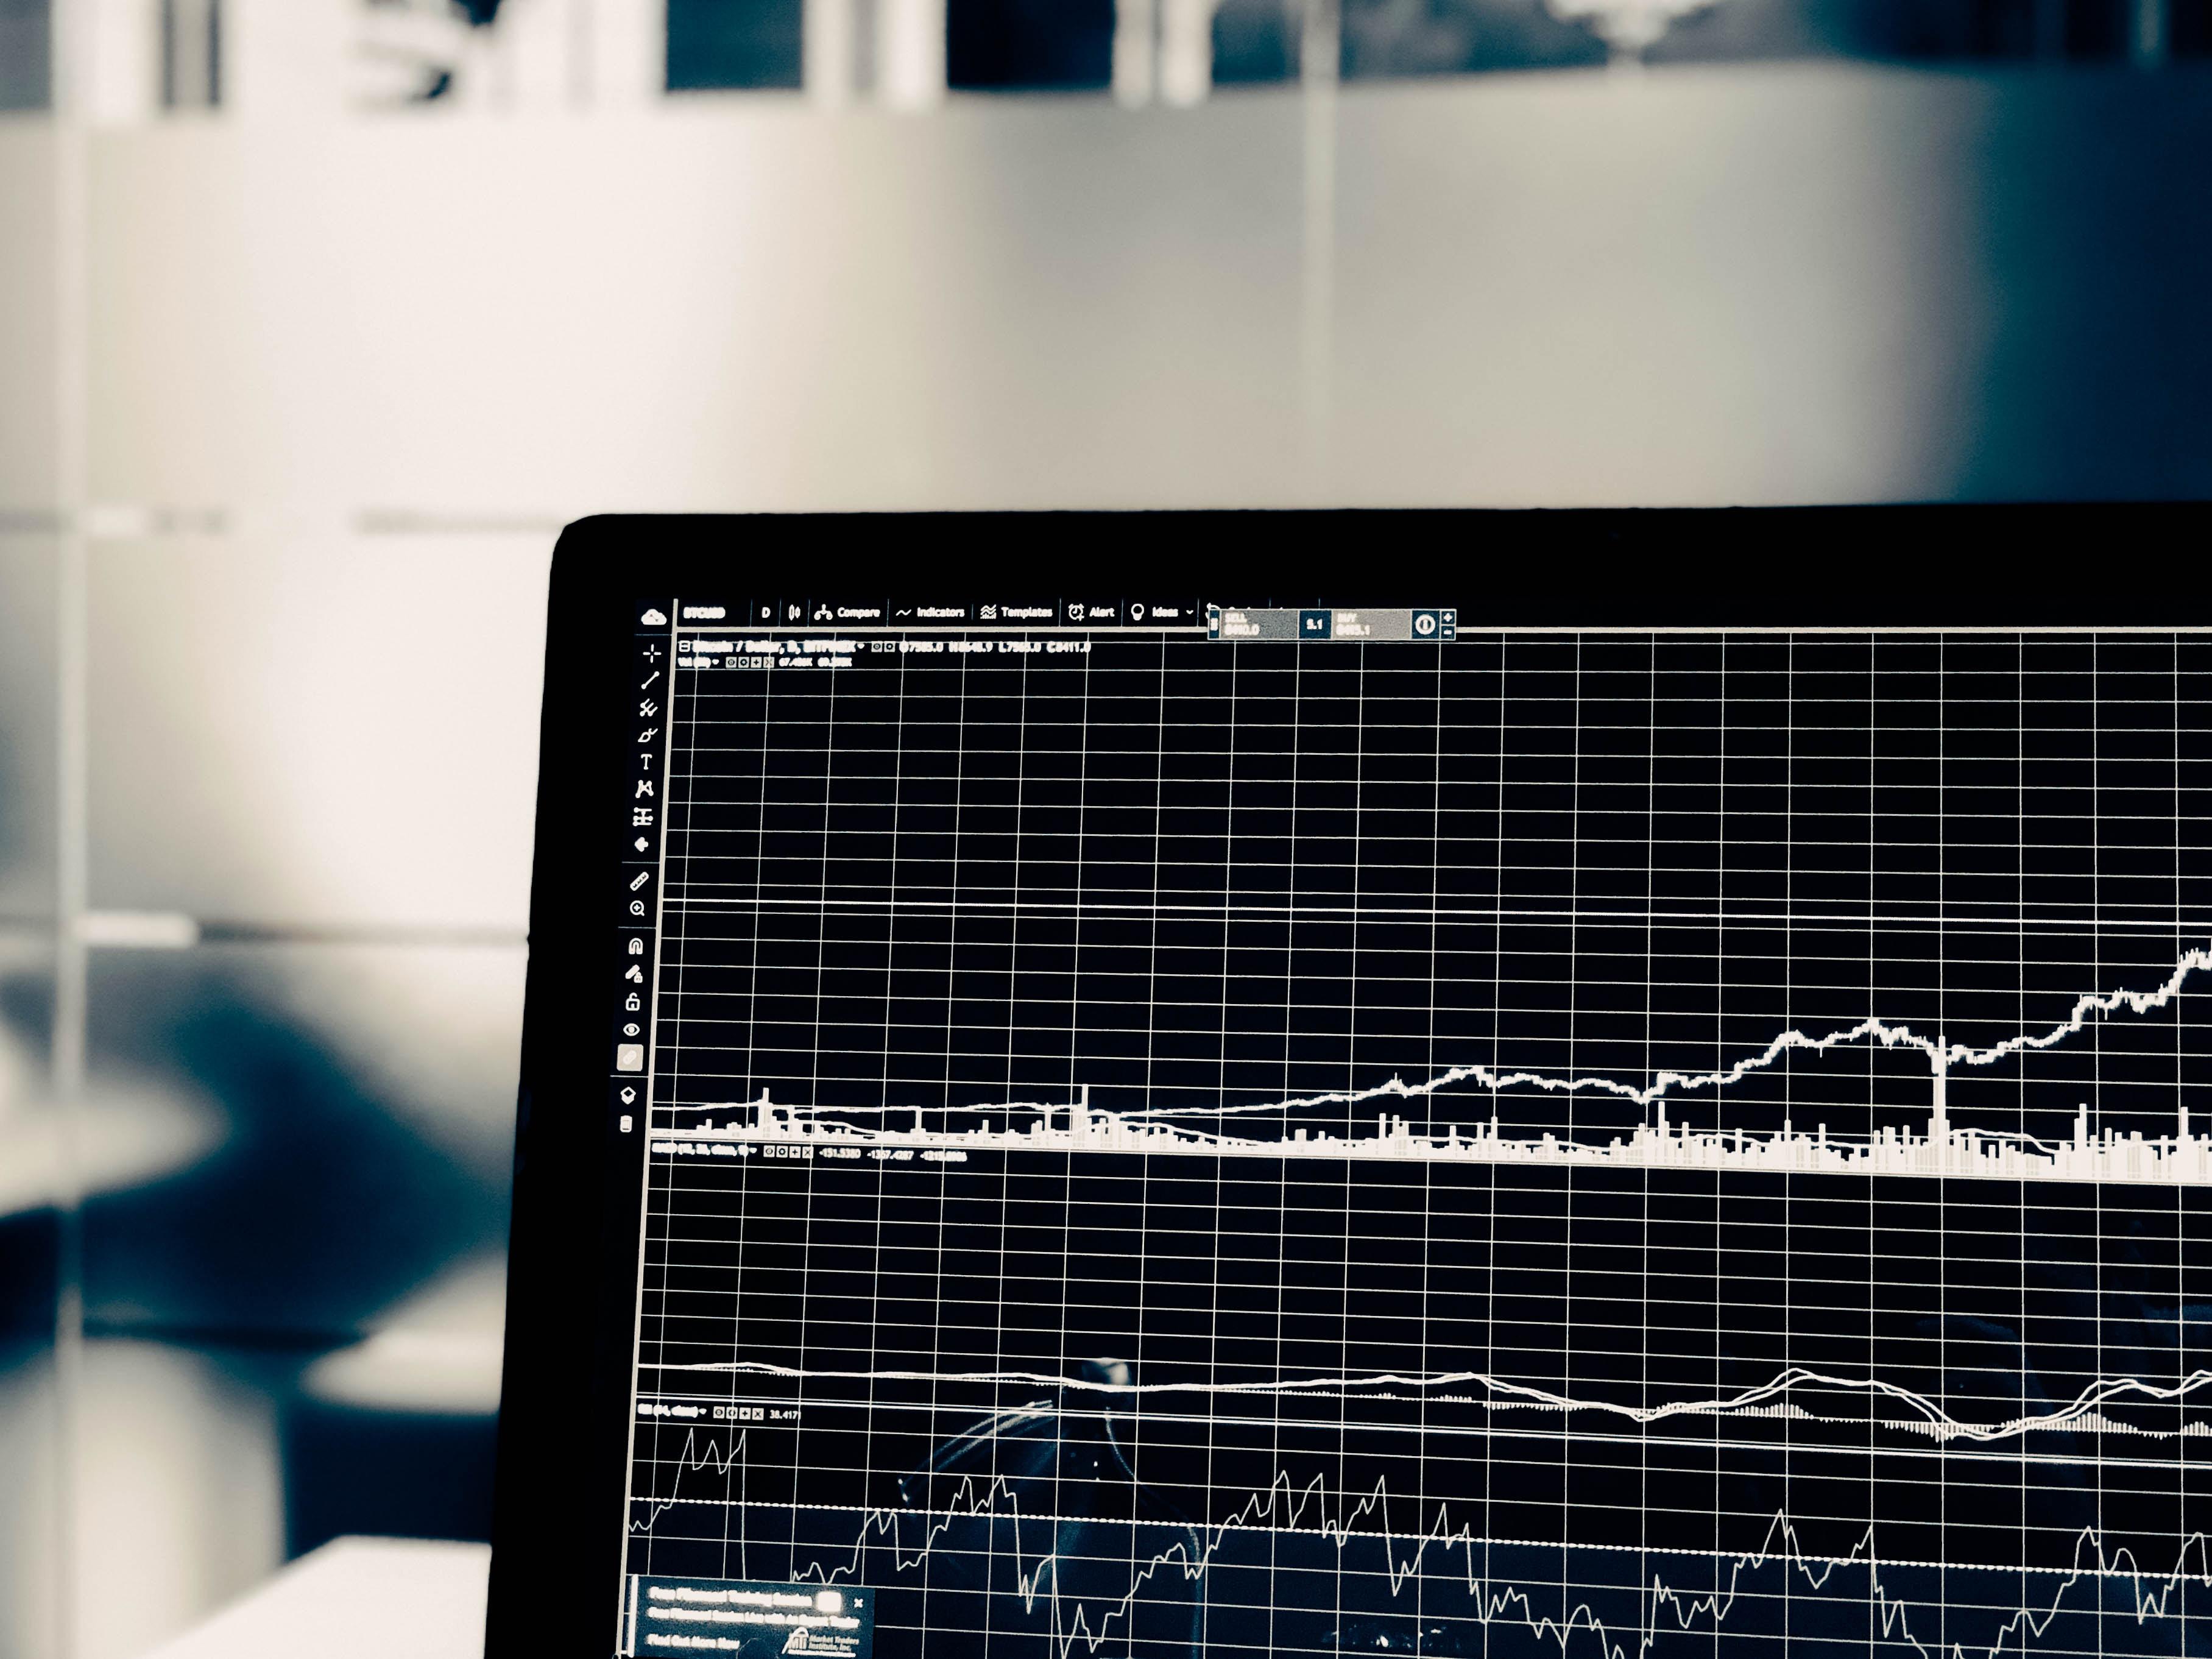 빅데이터와 금융권, 가치 창출의 시작은 데이터 시...